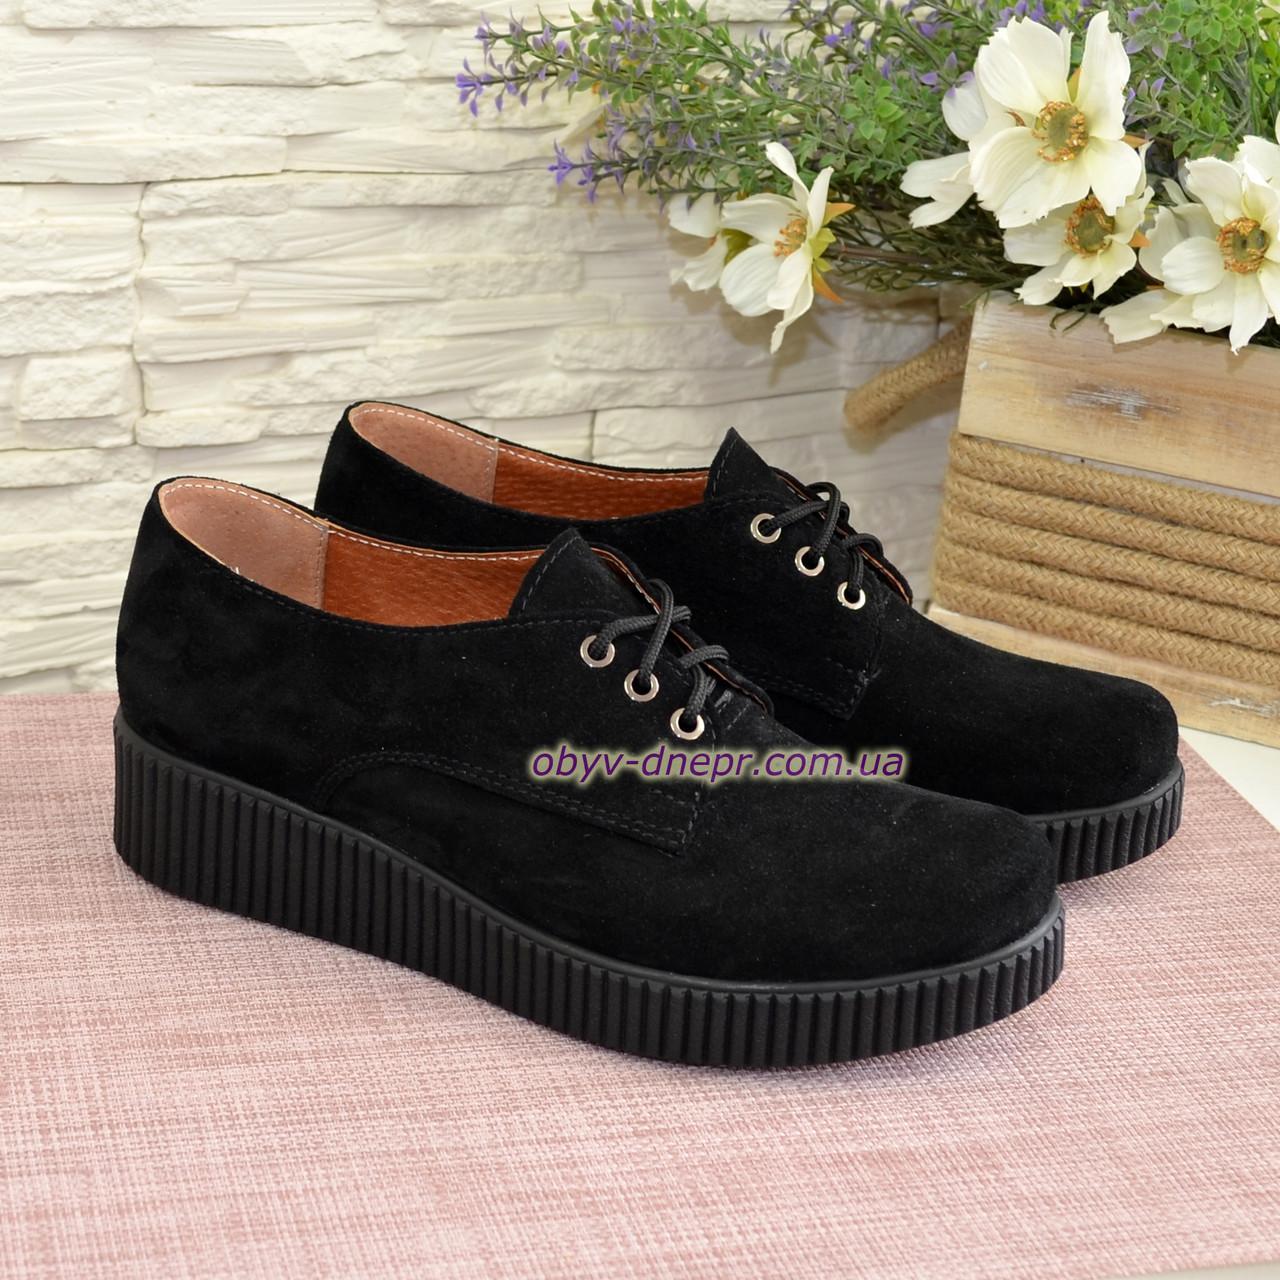 Женские туфли на утолщенной подошве, на шнуровке, натуральная замша